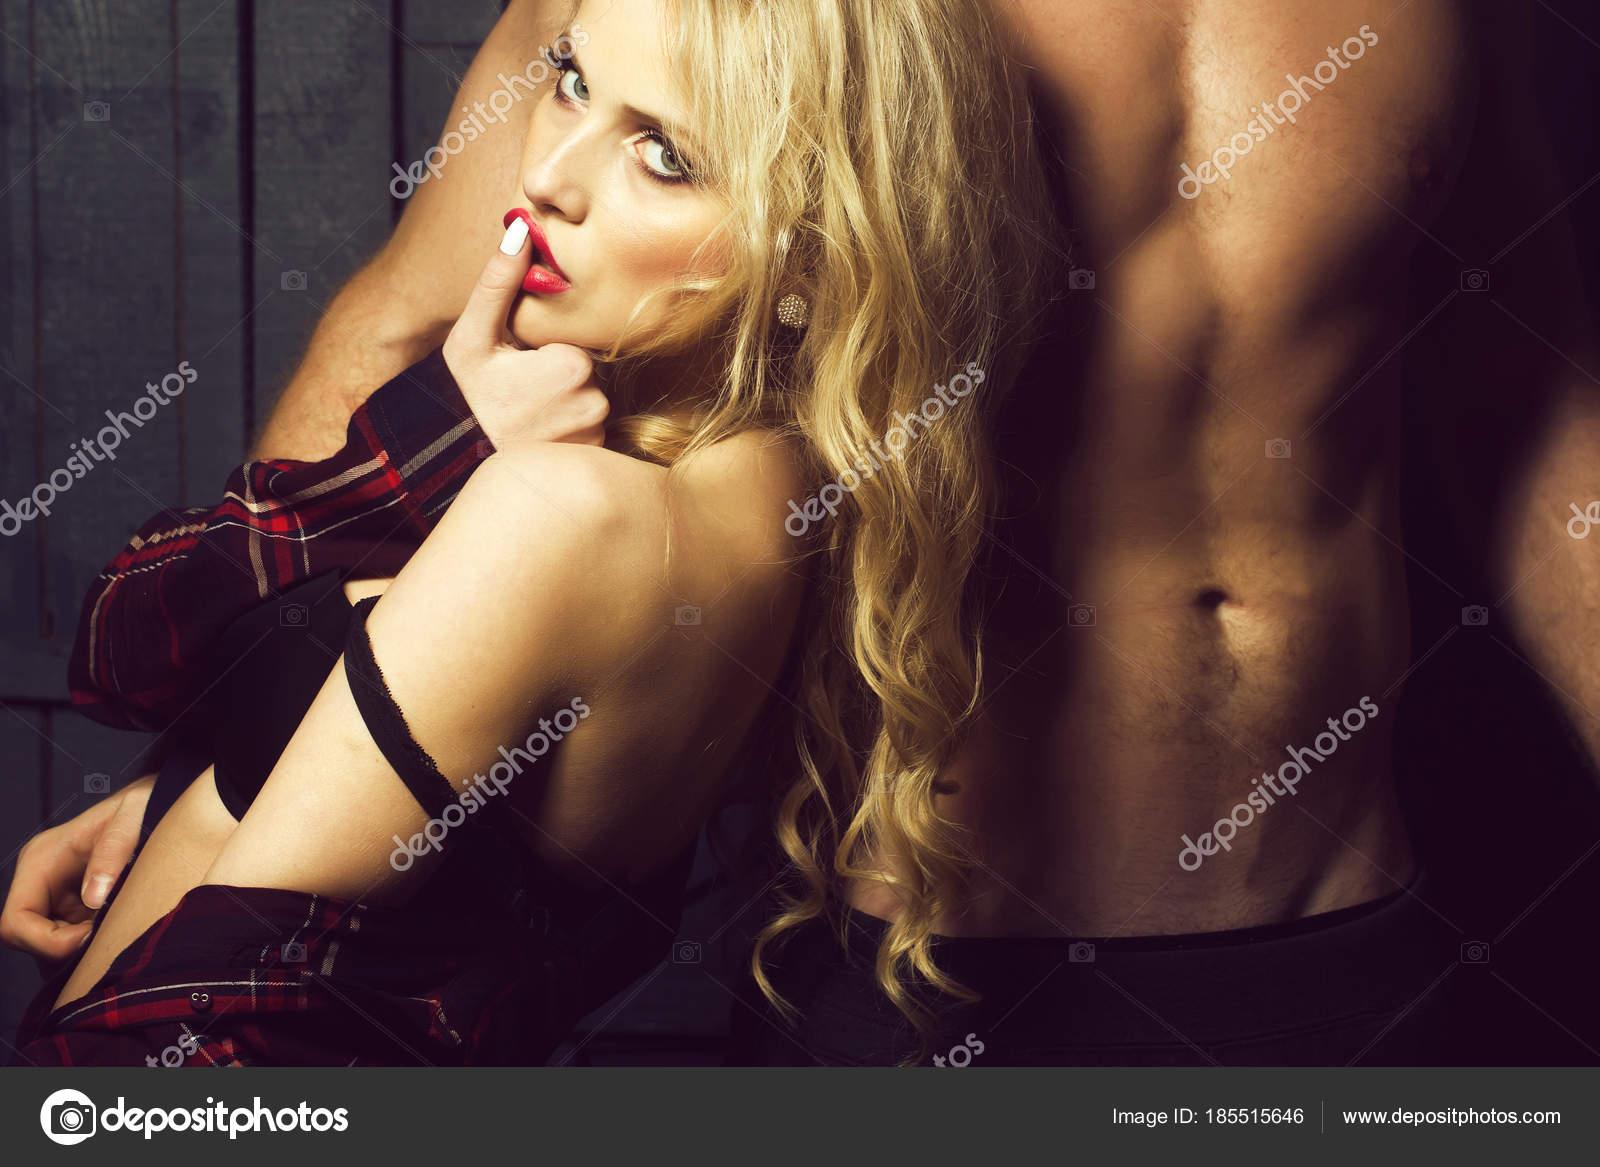 Teen πορνό γυμνό εικόνες